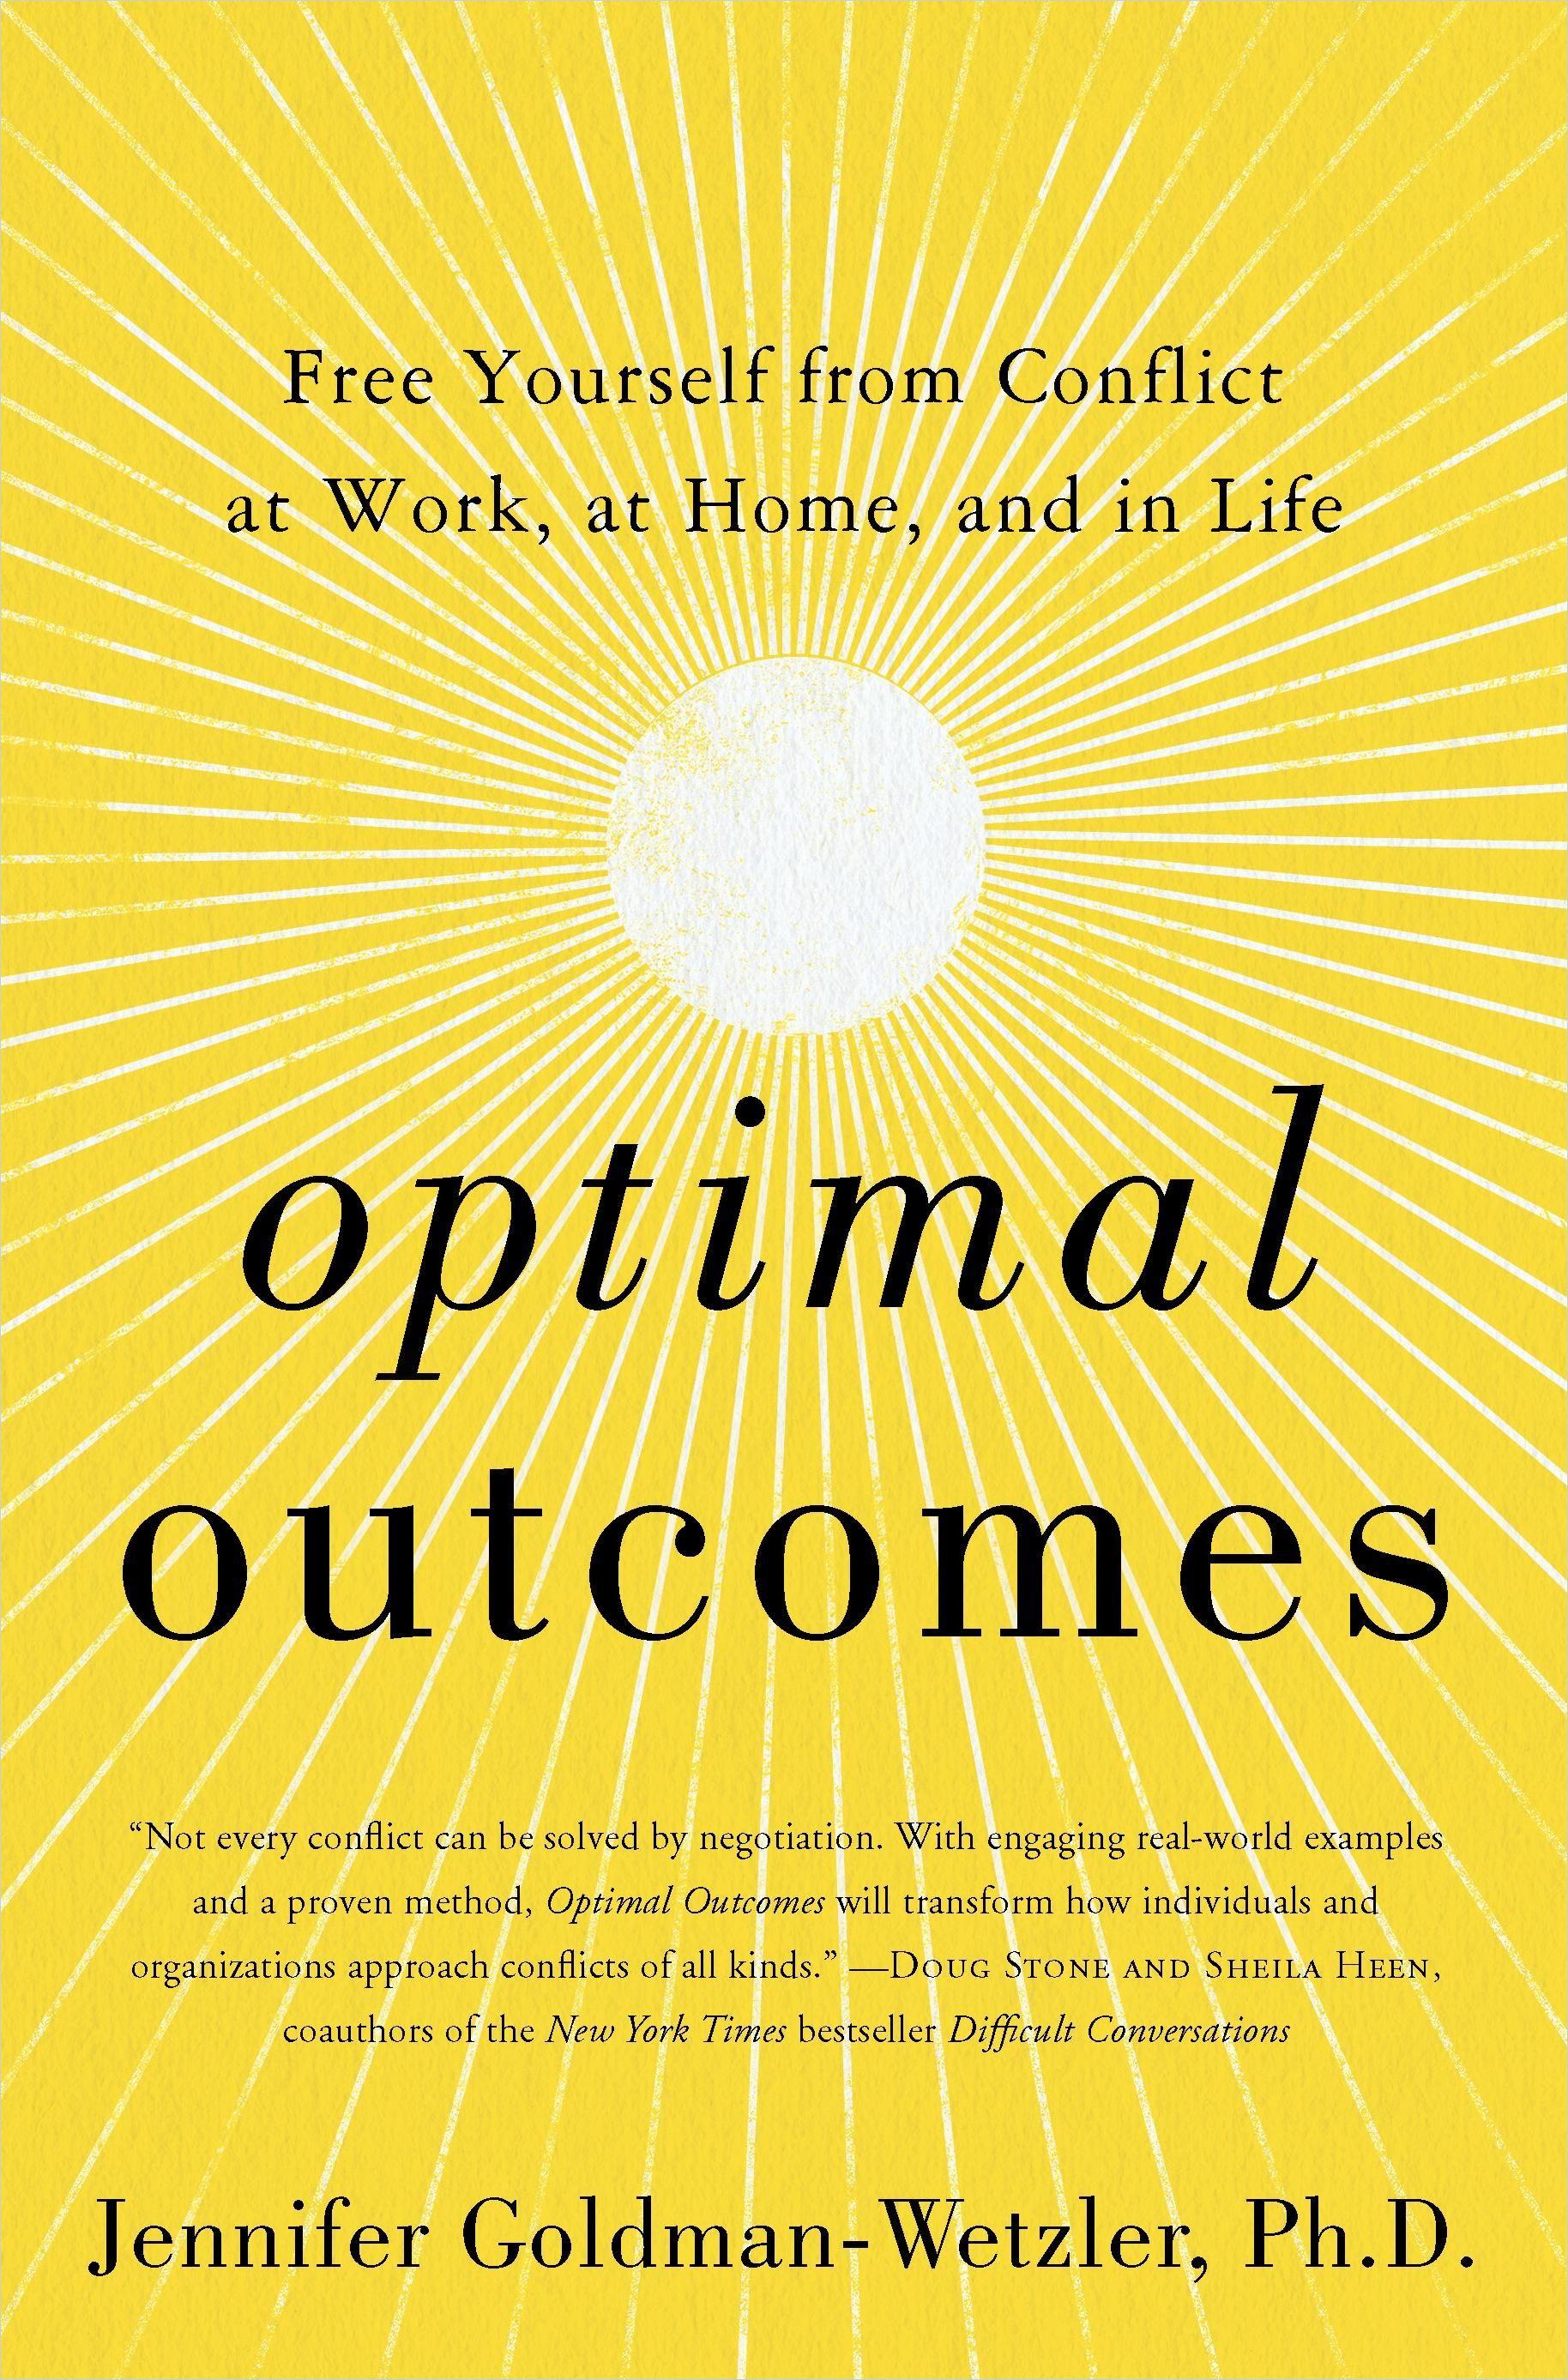 Image of: Optimal Outcomes